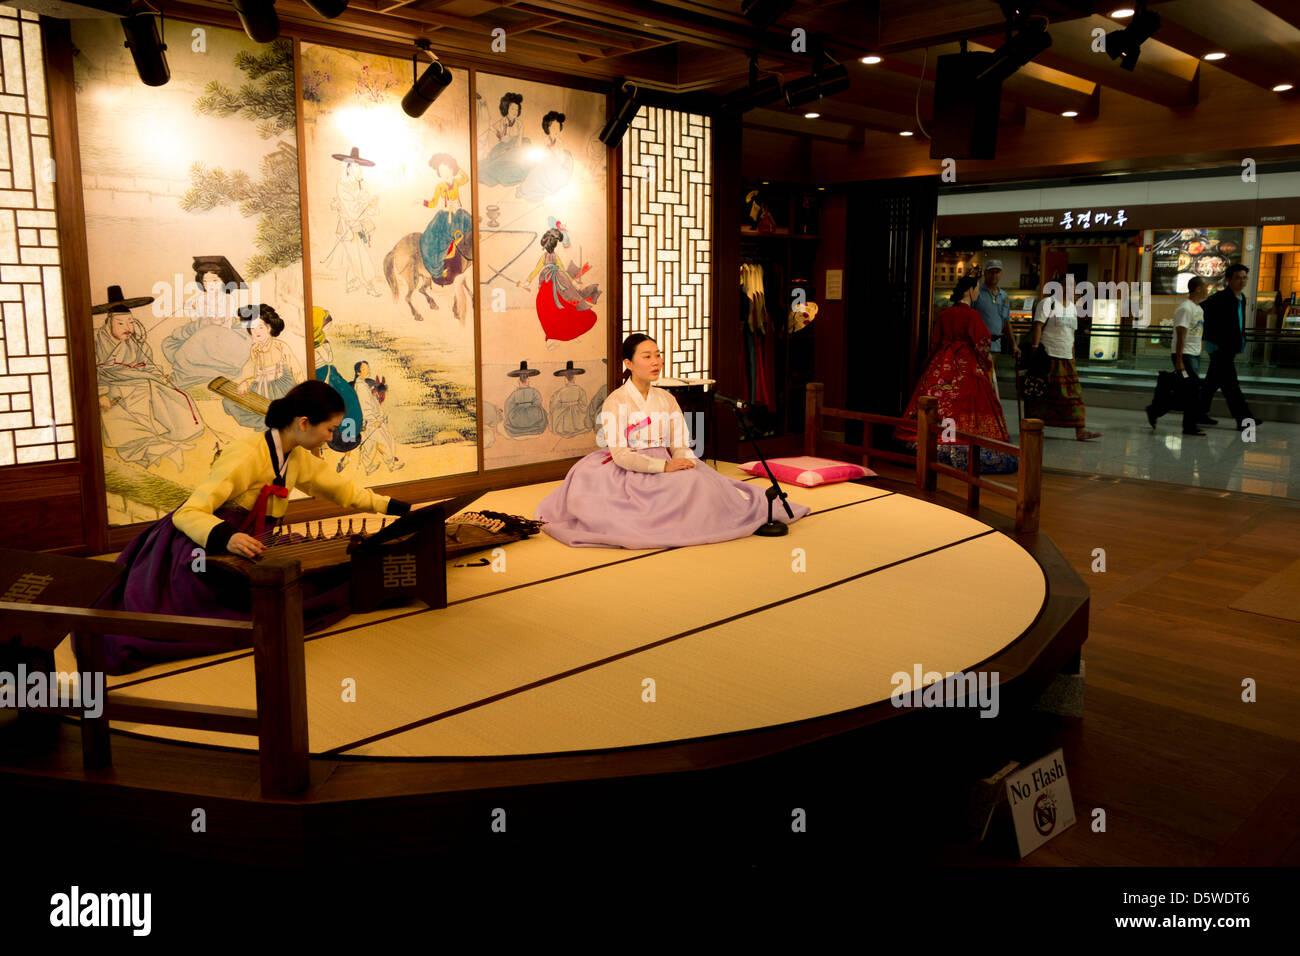 Le donne coreane musica tradizionale e il canto nella sala partenze di Inchon Airport Seoul Corea del Sud per intrattenere Immagini Stock